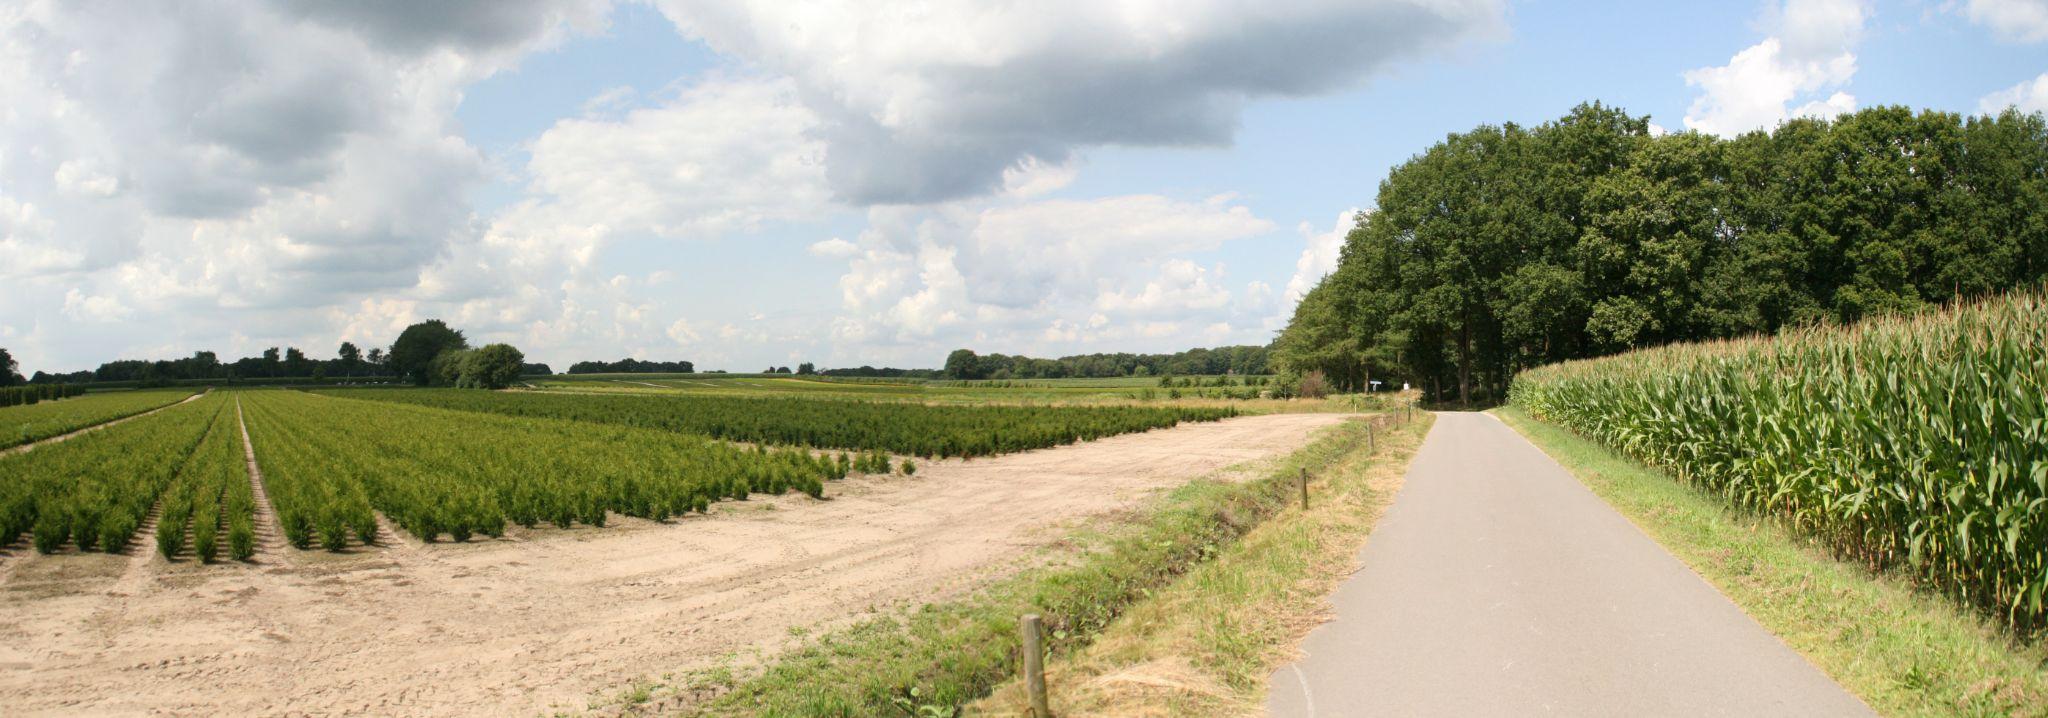 Dutch Scenery by Kaje